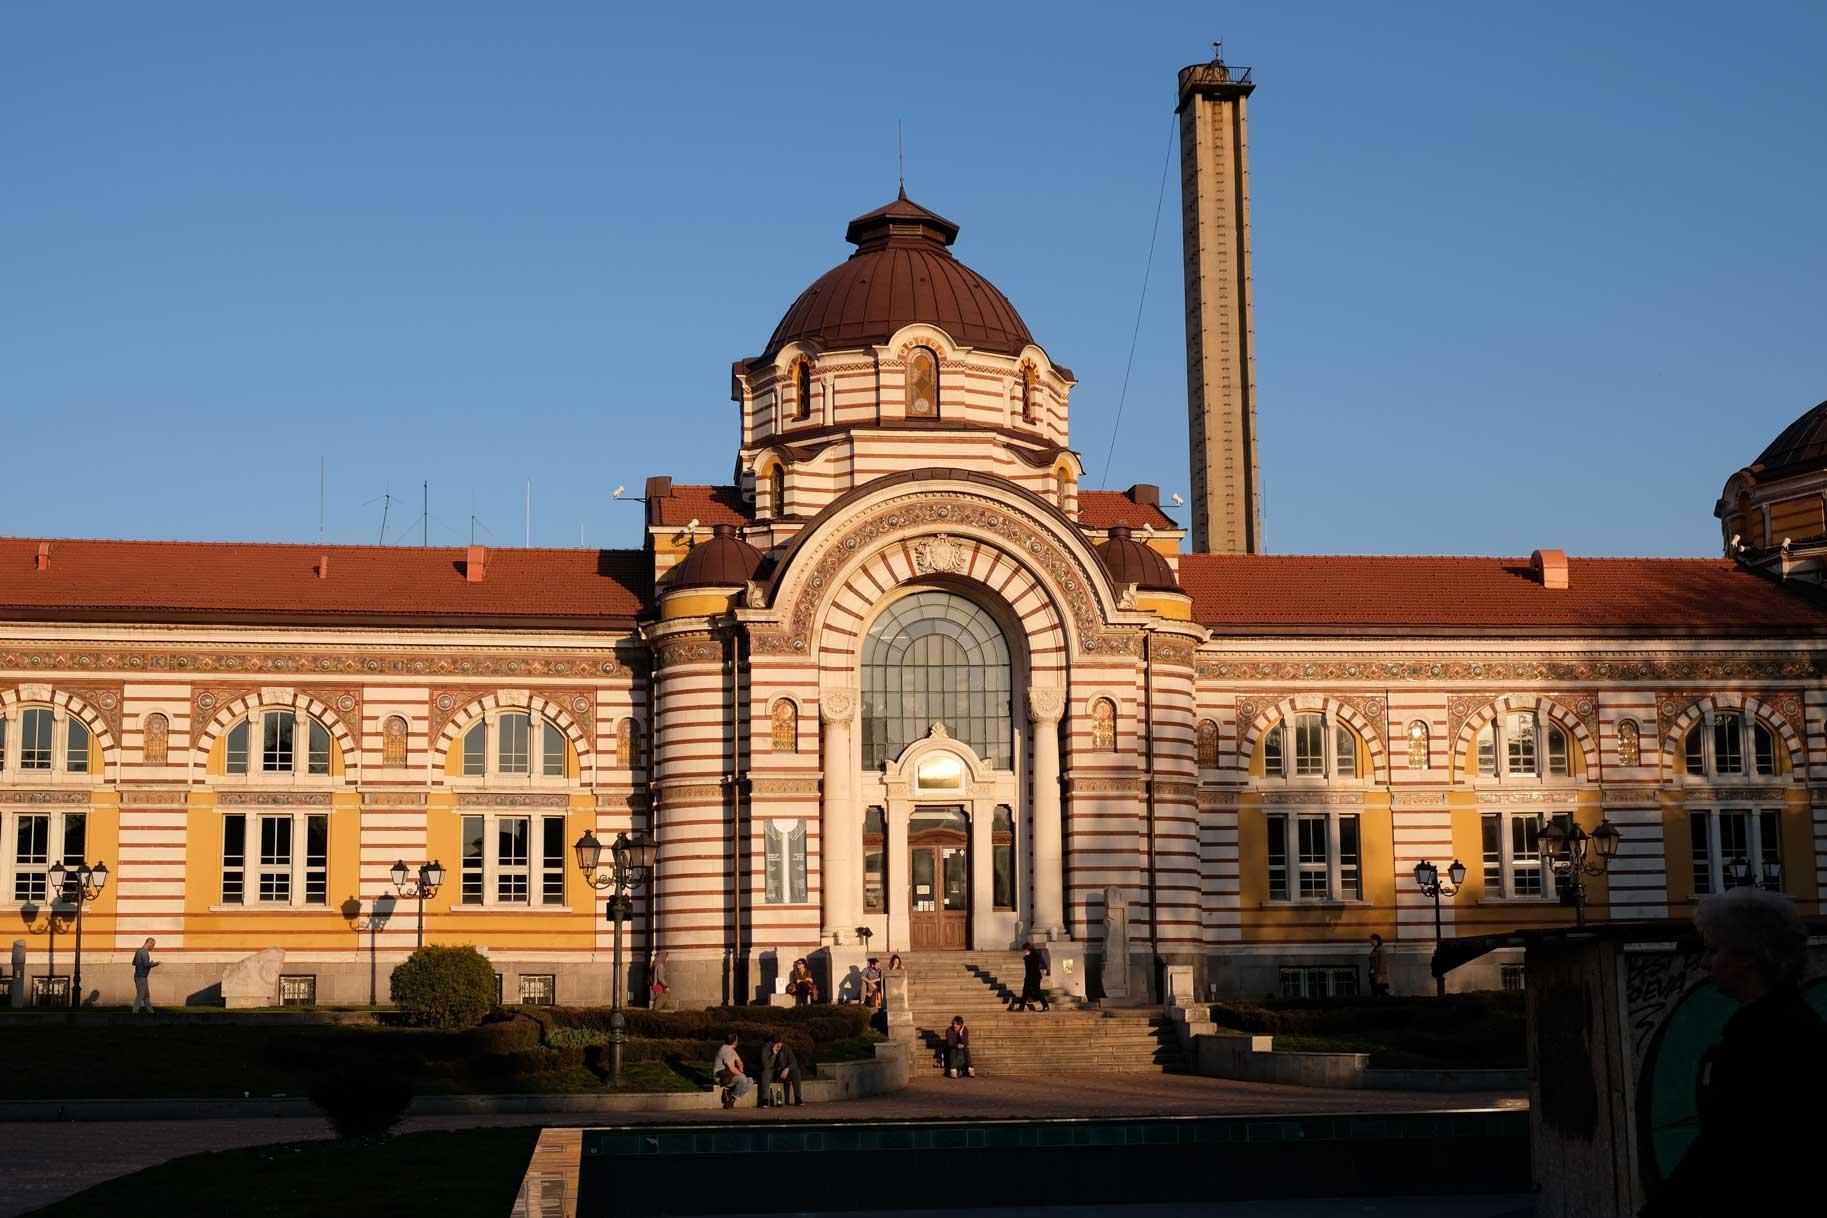 Das zentrale Mineralbad Sofia - früher ein Mineral- und Schwimmbad, heute ein Museum